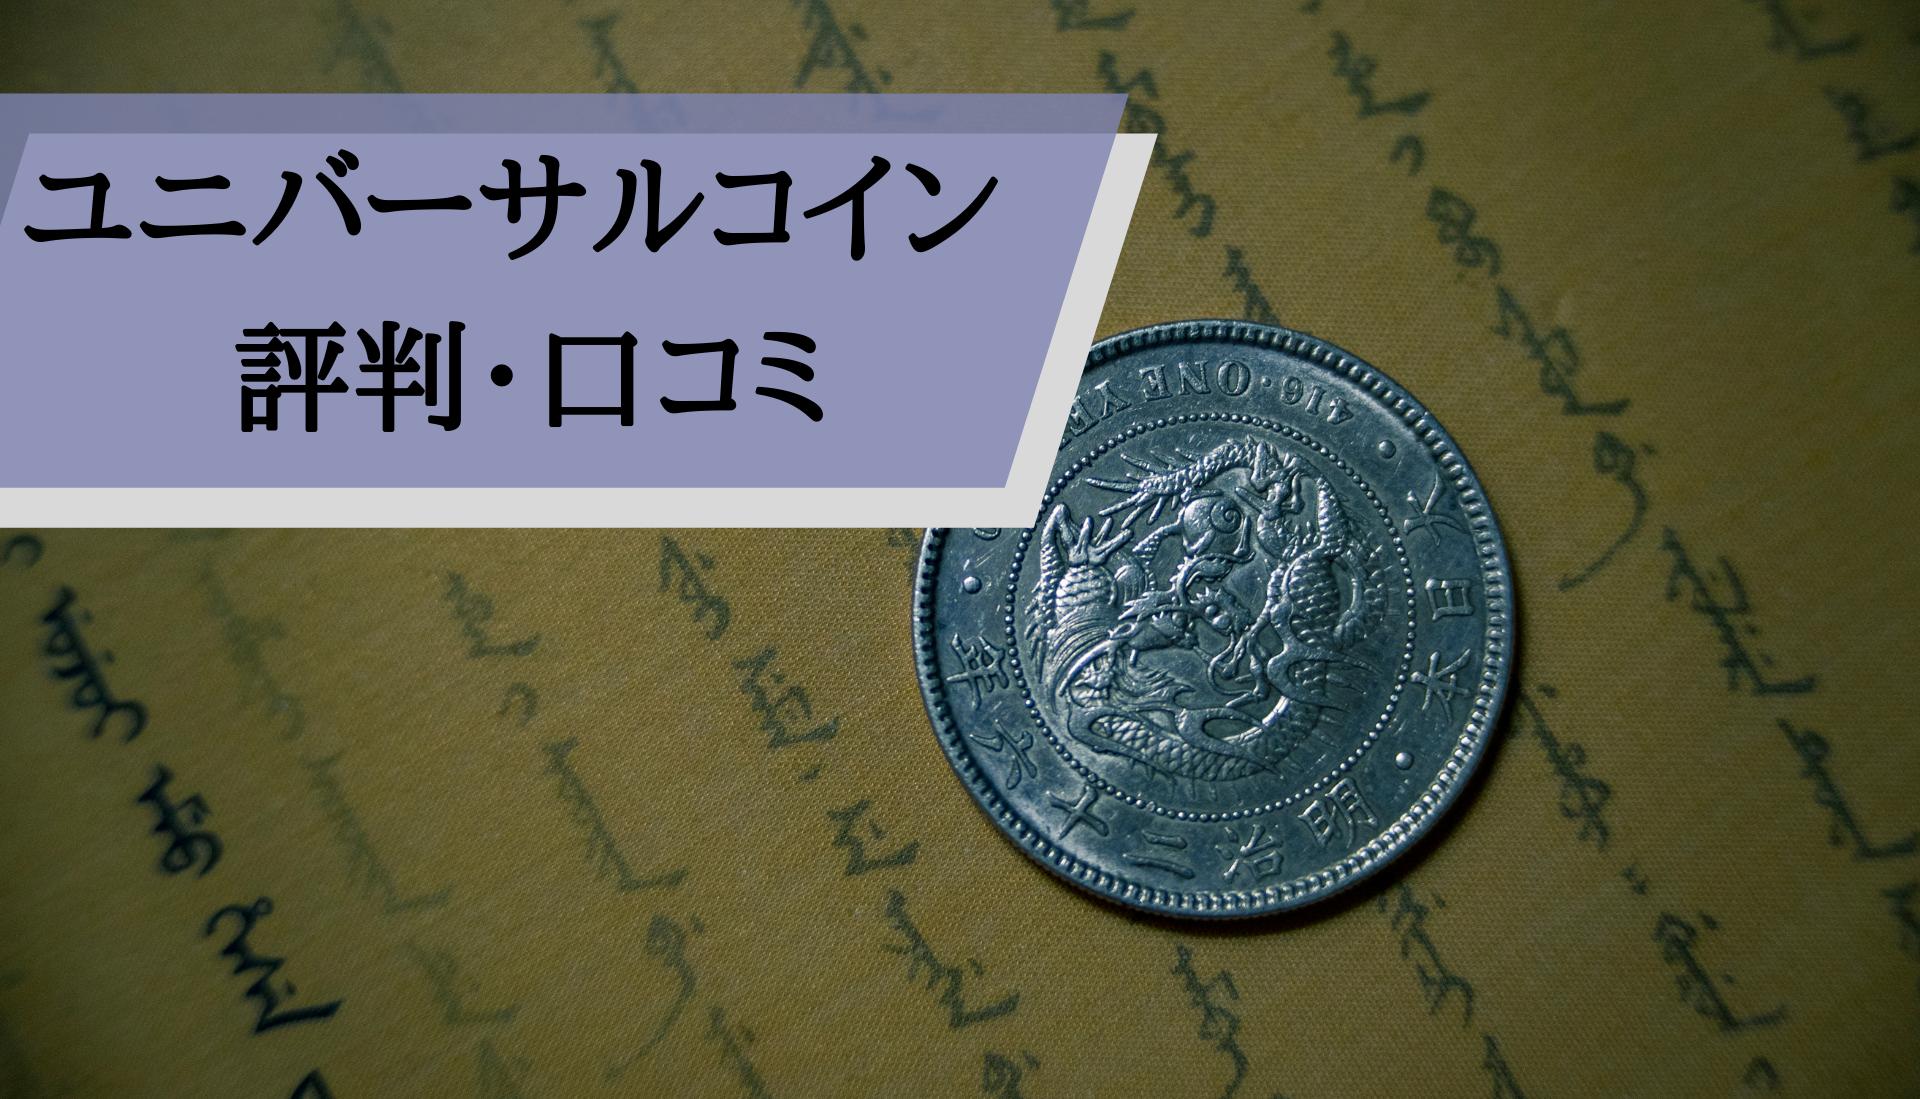 ユニバーサルコイン評判_評判・口コミ